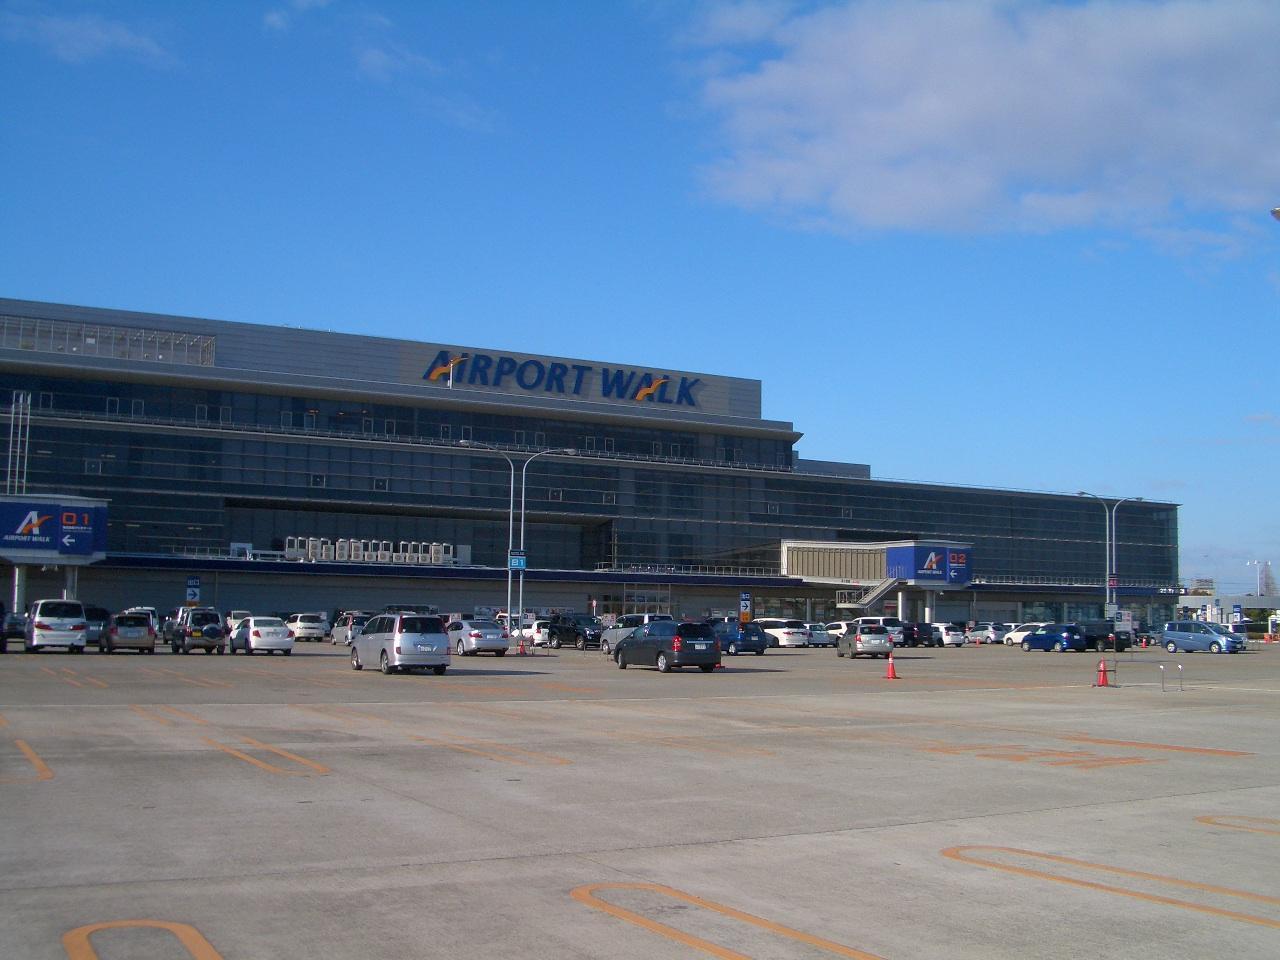 『エアポートウォーク名古屋 VOL1』愛知県の旅行記・ブログ by かずさん【フォートラベル】